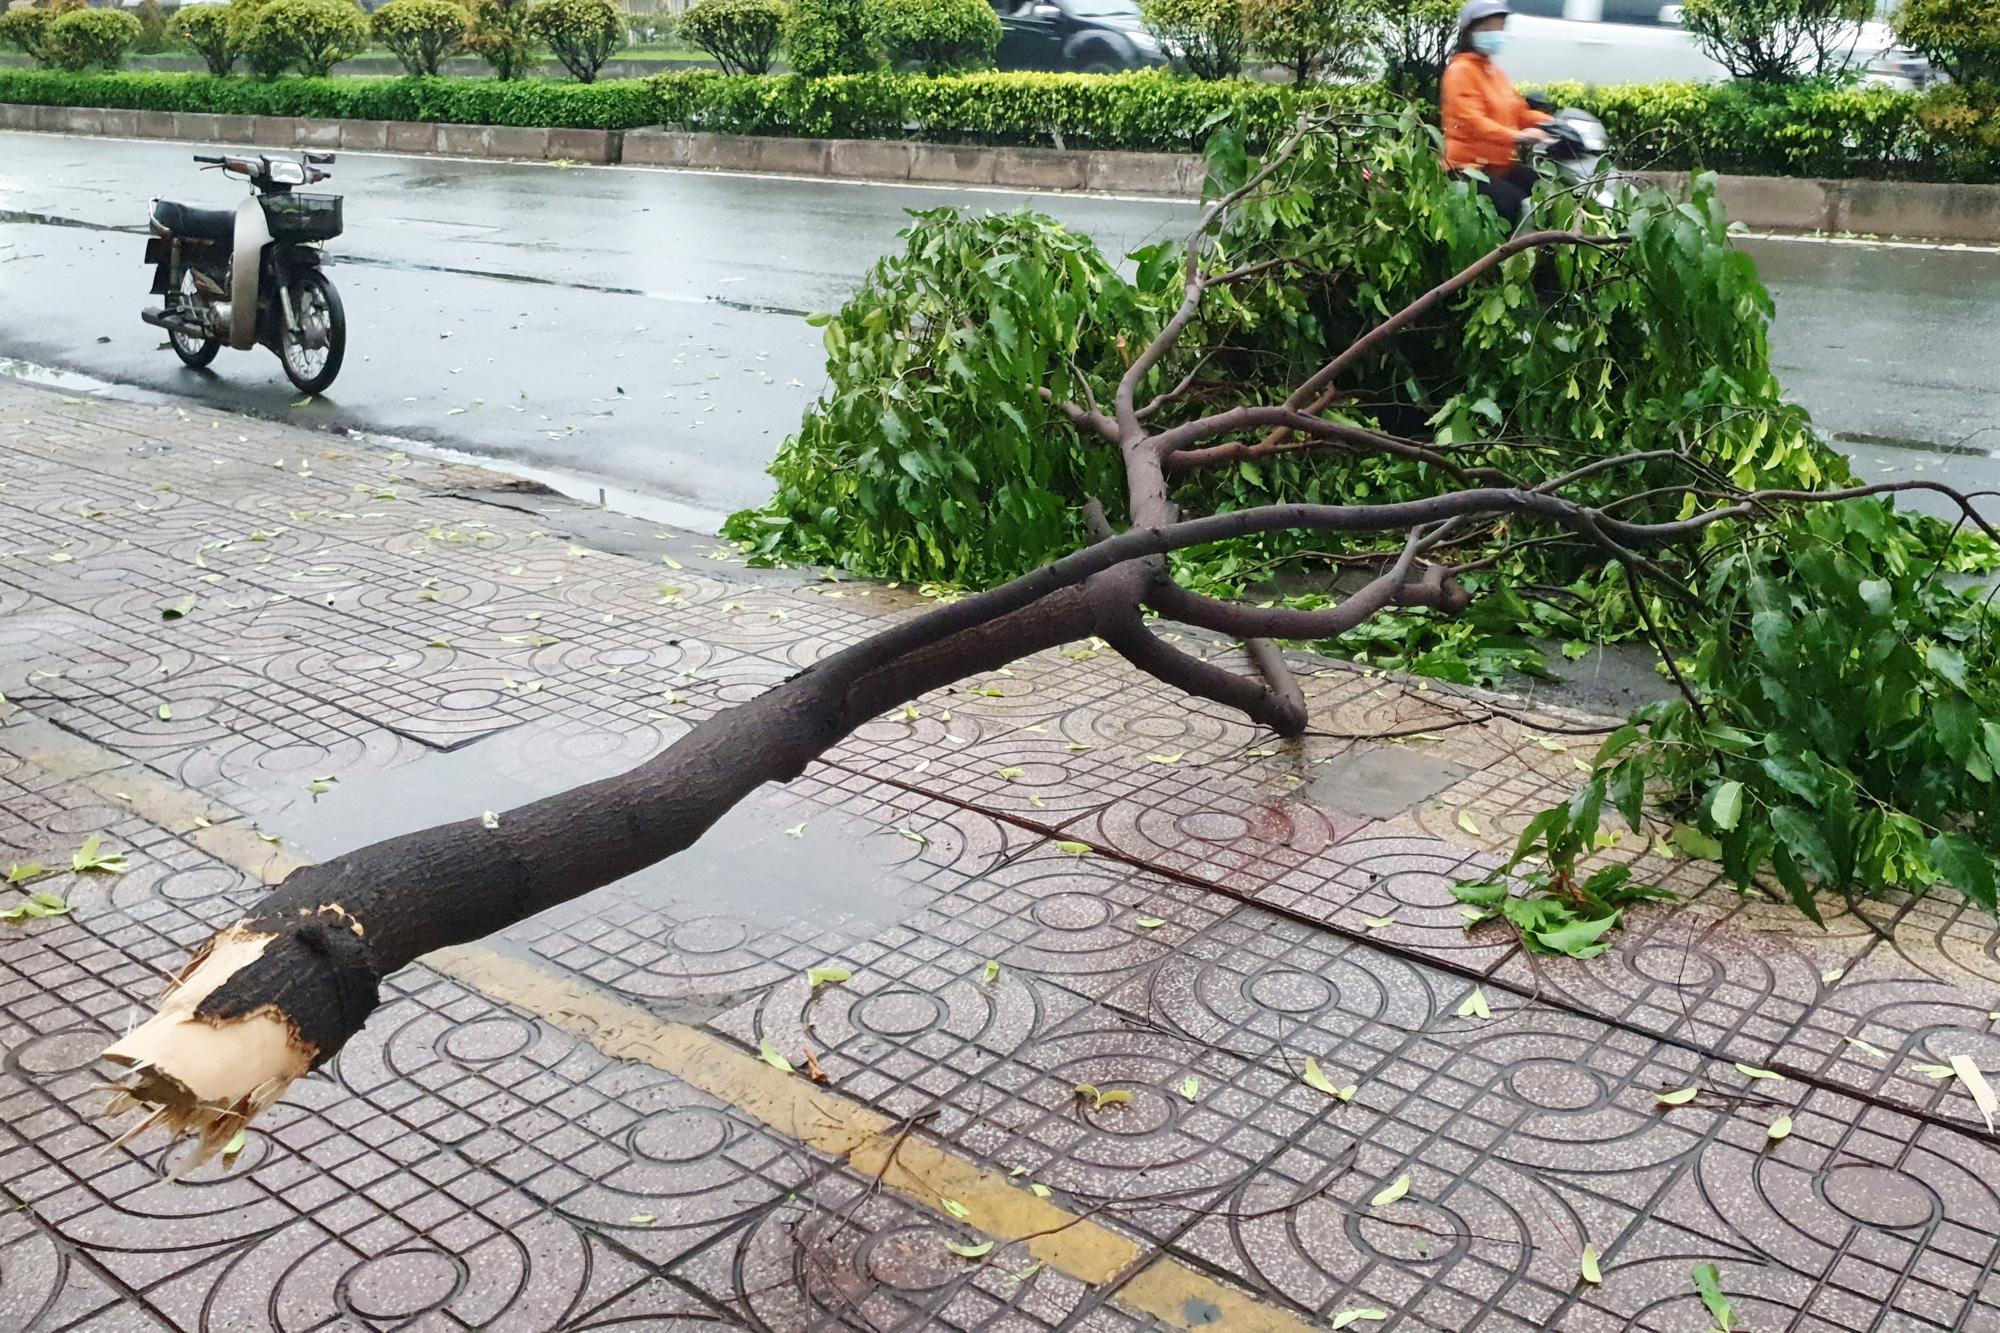 TP.HCM: Cây xanh gãy, bật gốc hàng loạt sau mưa lớn - Ảnh 2.